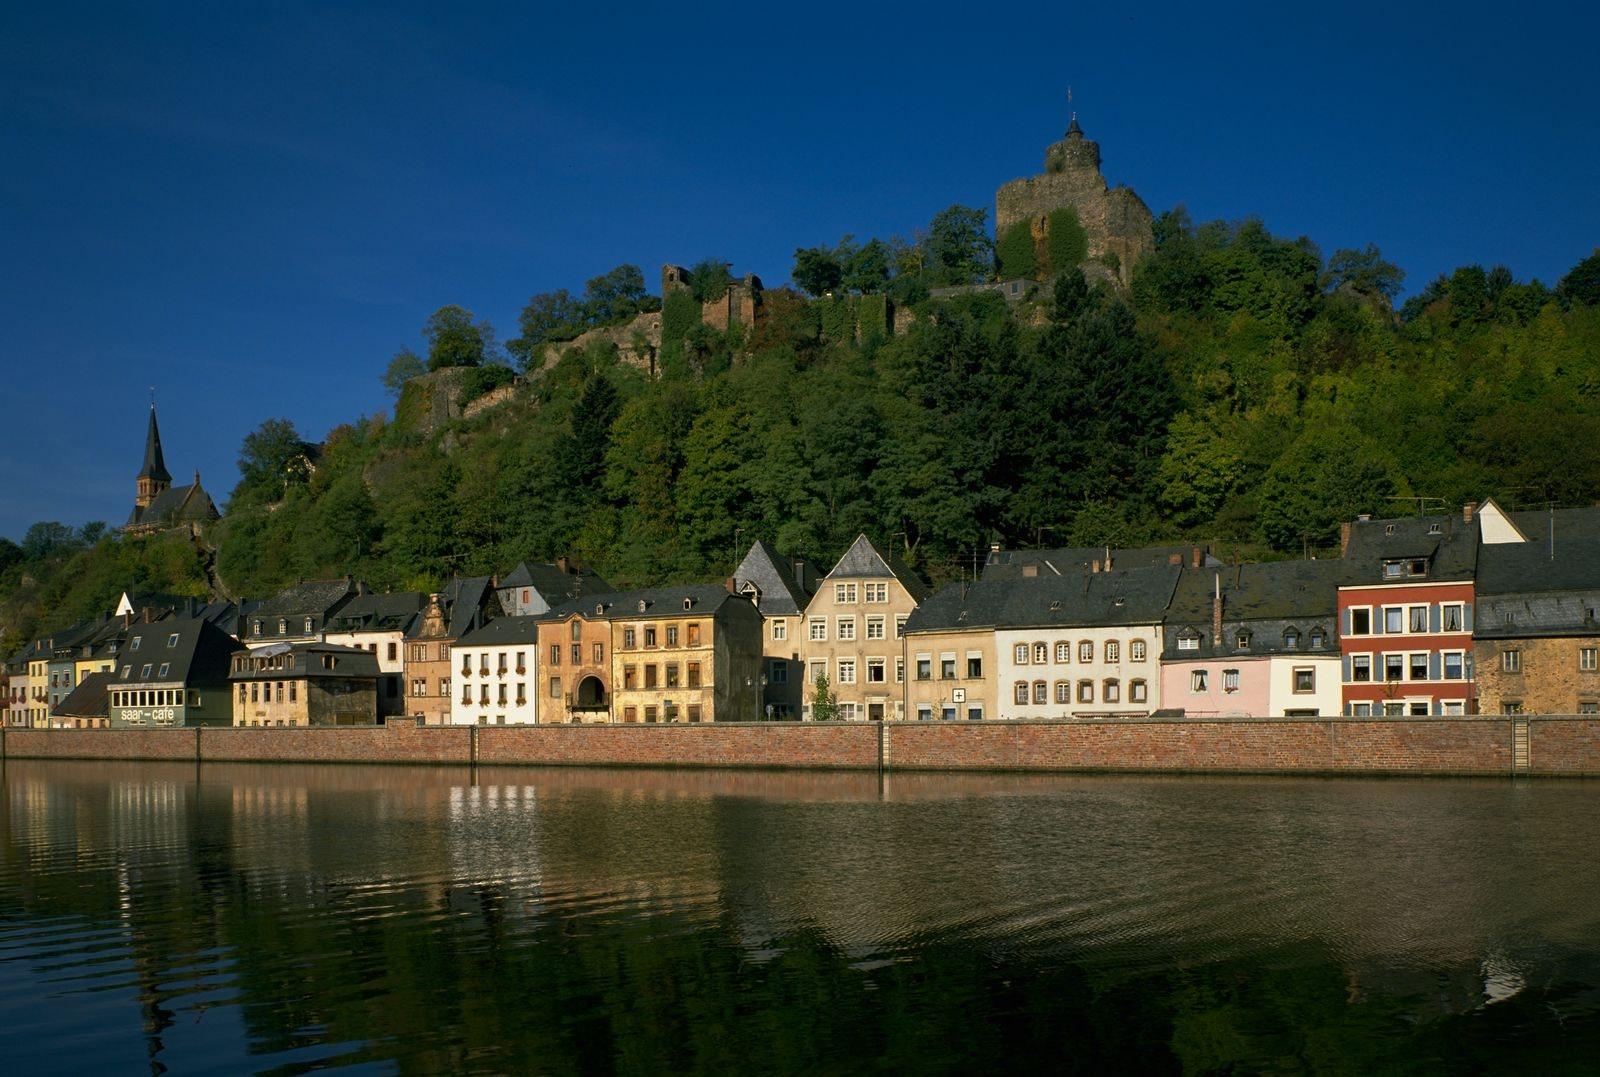 4-daagse fietsvakantie Trier - Koblenz